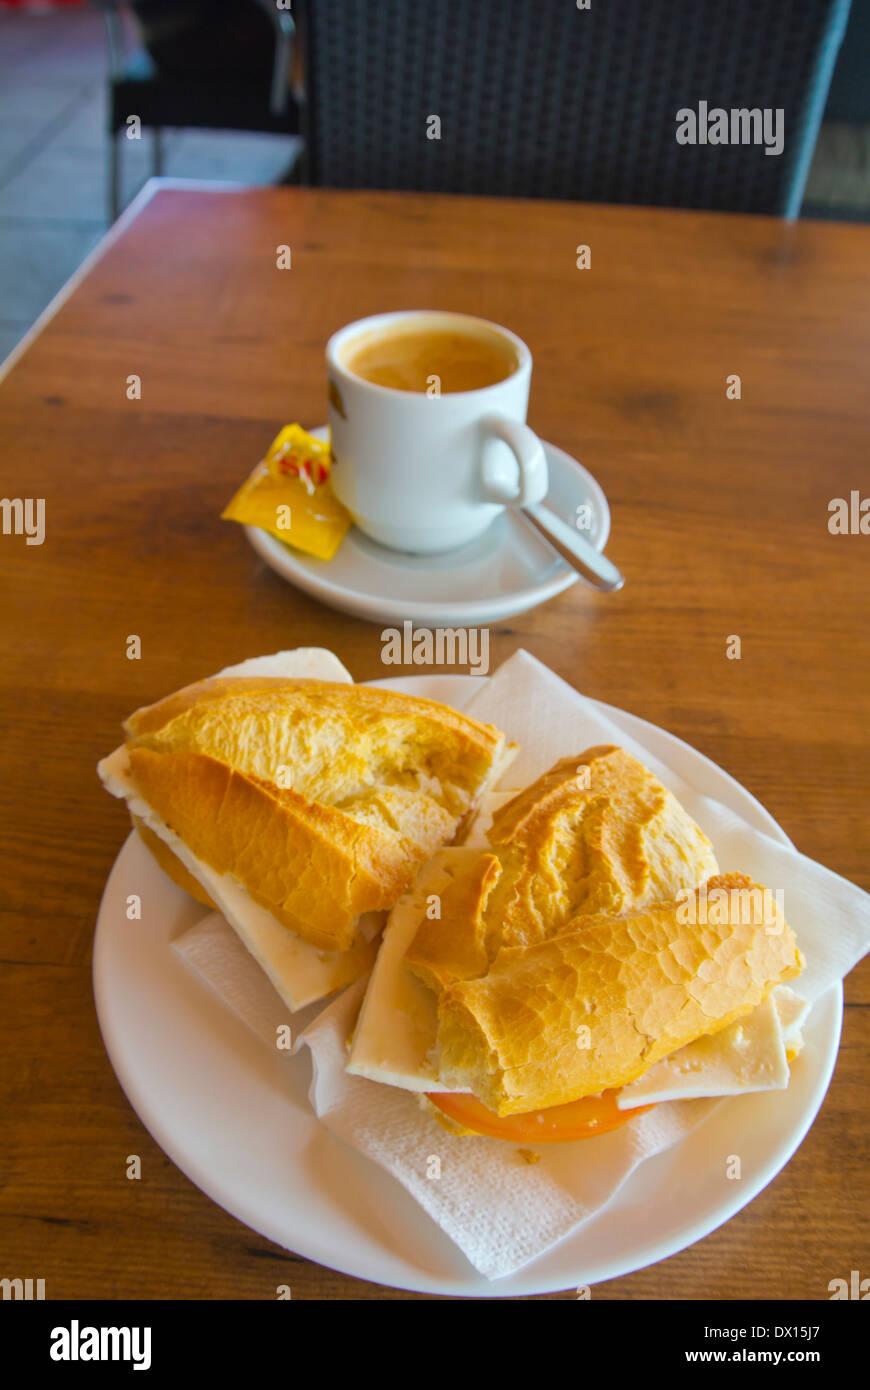 Frühstück mit Kaffee mit Milch und Bocadillo de Queso de Cabra, Sandwich mit Ziegenkäse, Puerto del Rosaro, Fuerteventura Stockbild